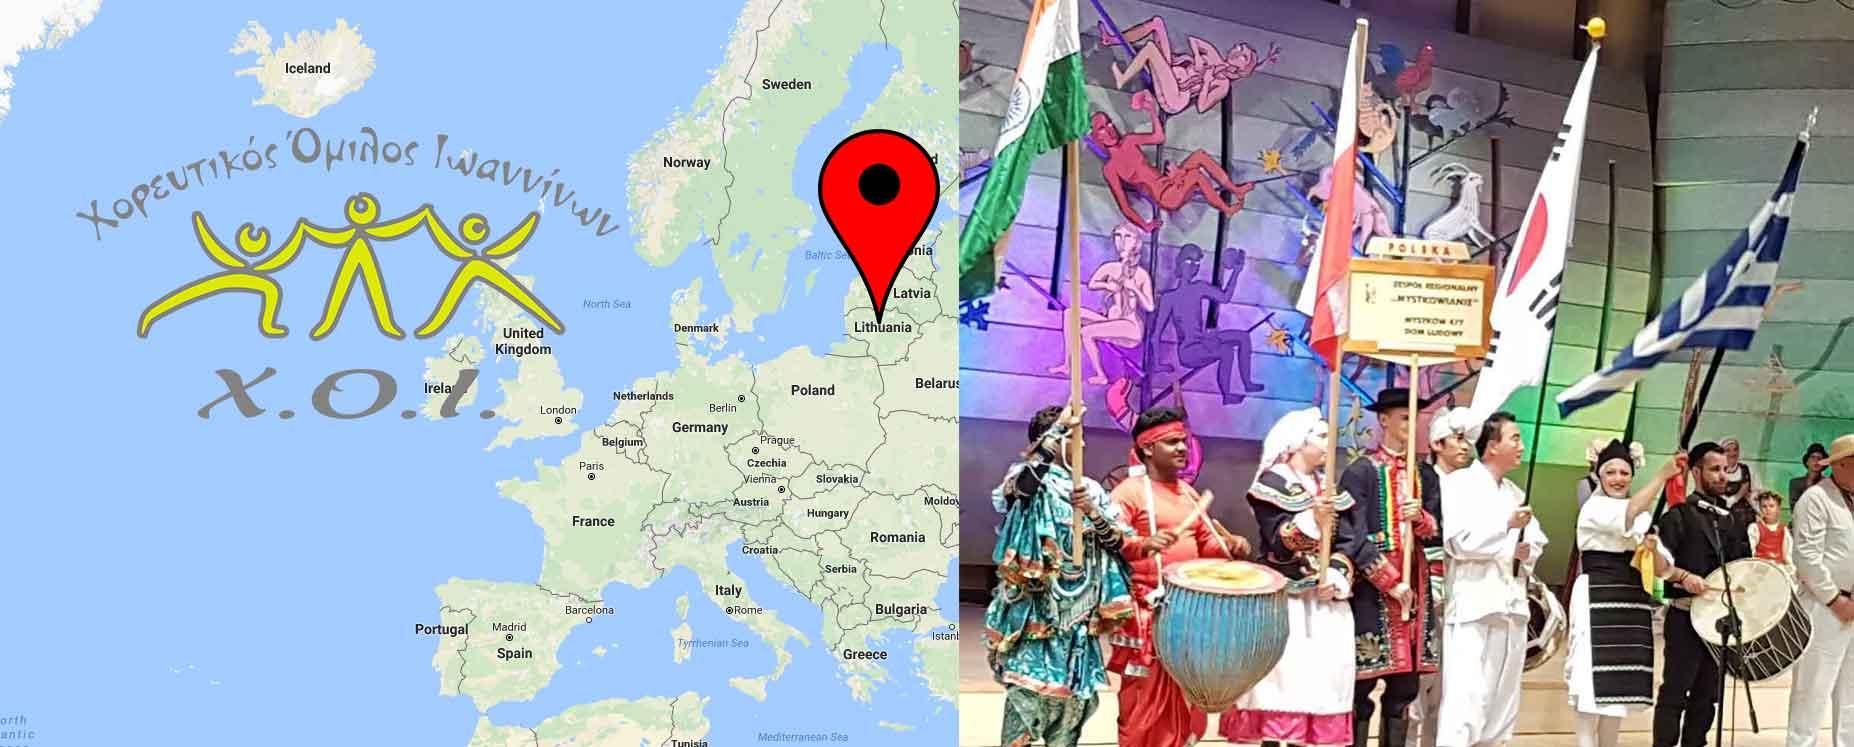 xoi-map-lithouania